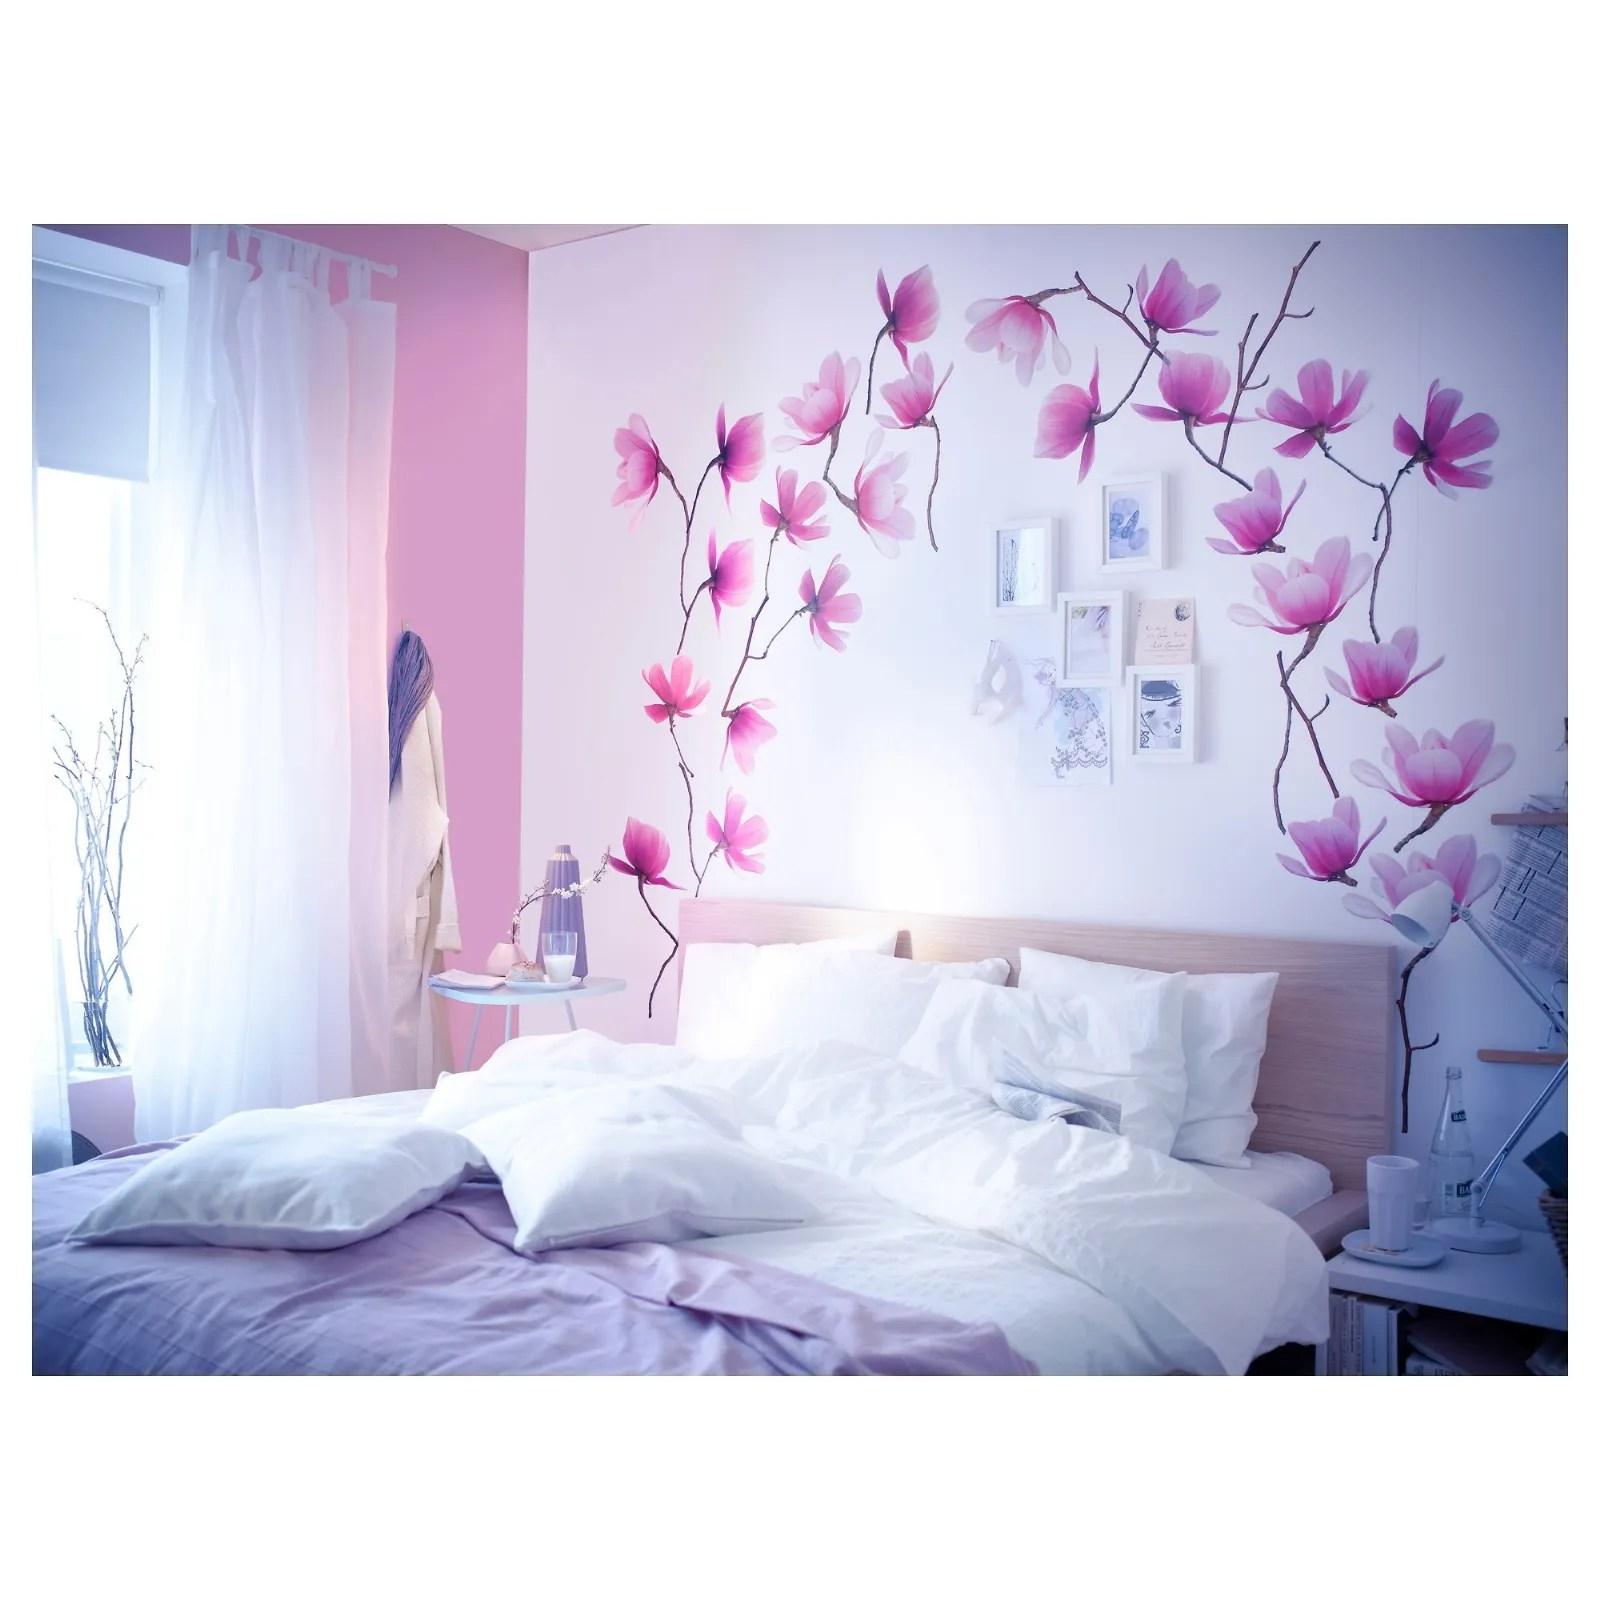 E hai dato un'occhiata ai prezzi? Adesivi Murali Ikea Decorare Casa Facilmente